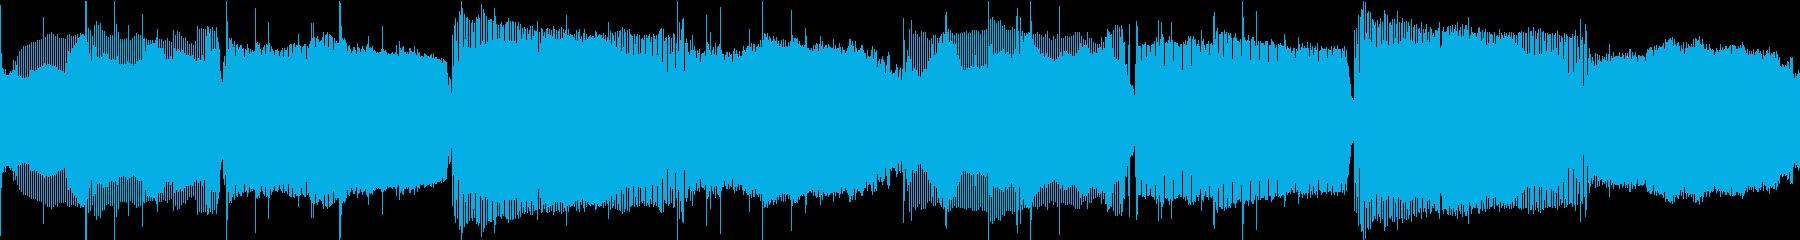 メロディックで感情的なポップロック...の再生済みの波形